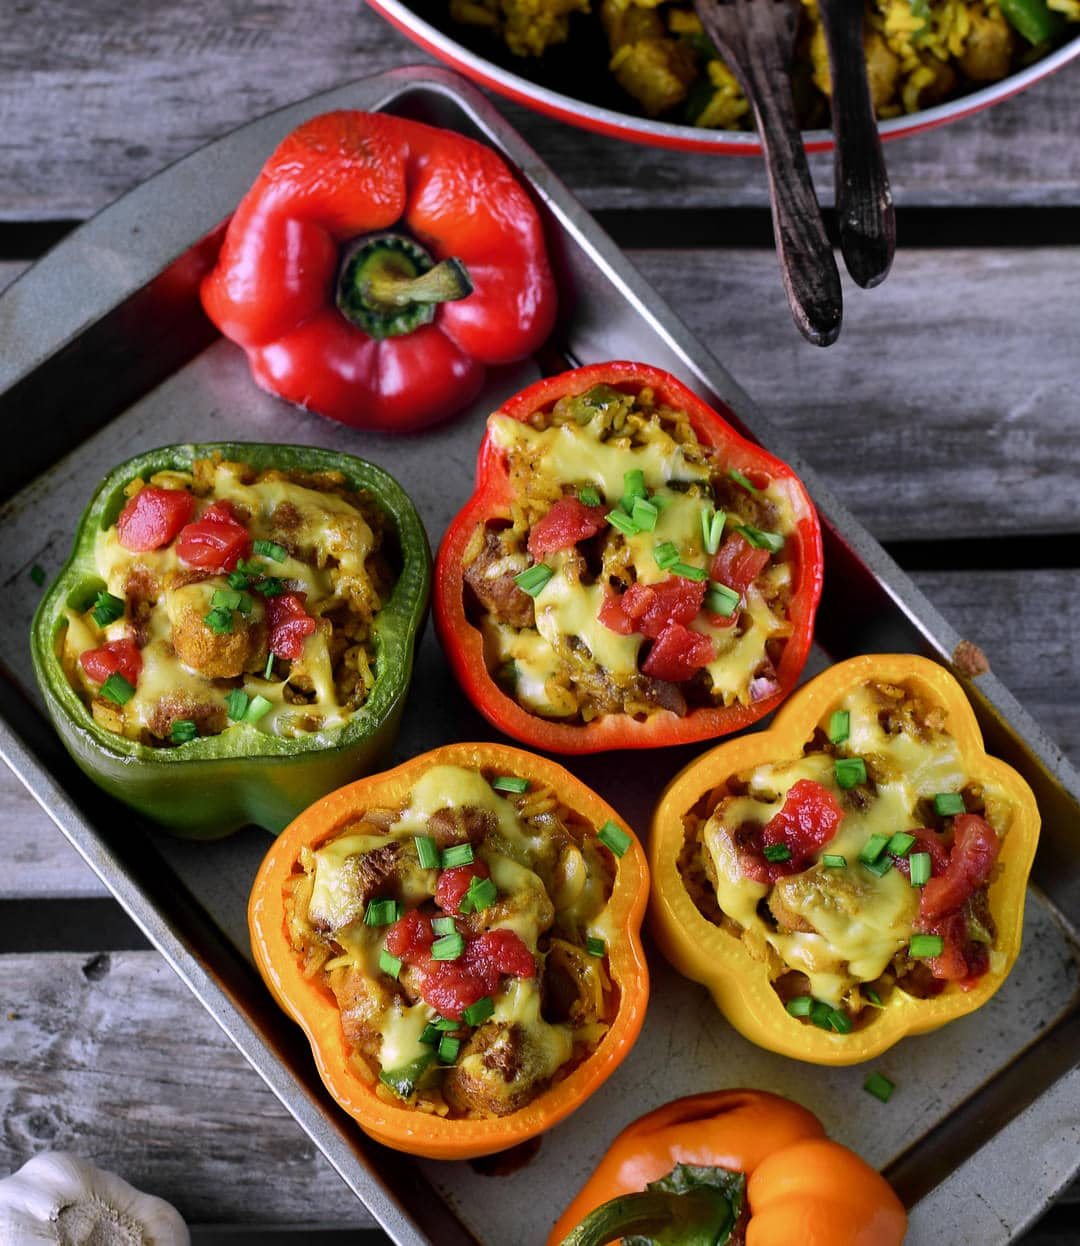 Paprikaschoten mit Gemüsefüllung, Reis und veganem Käse von oben